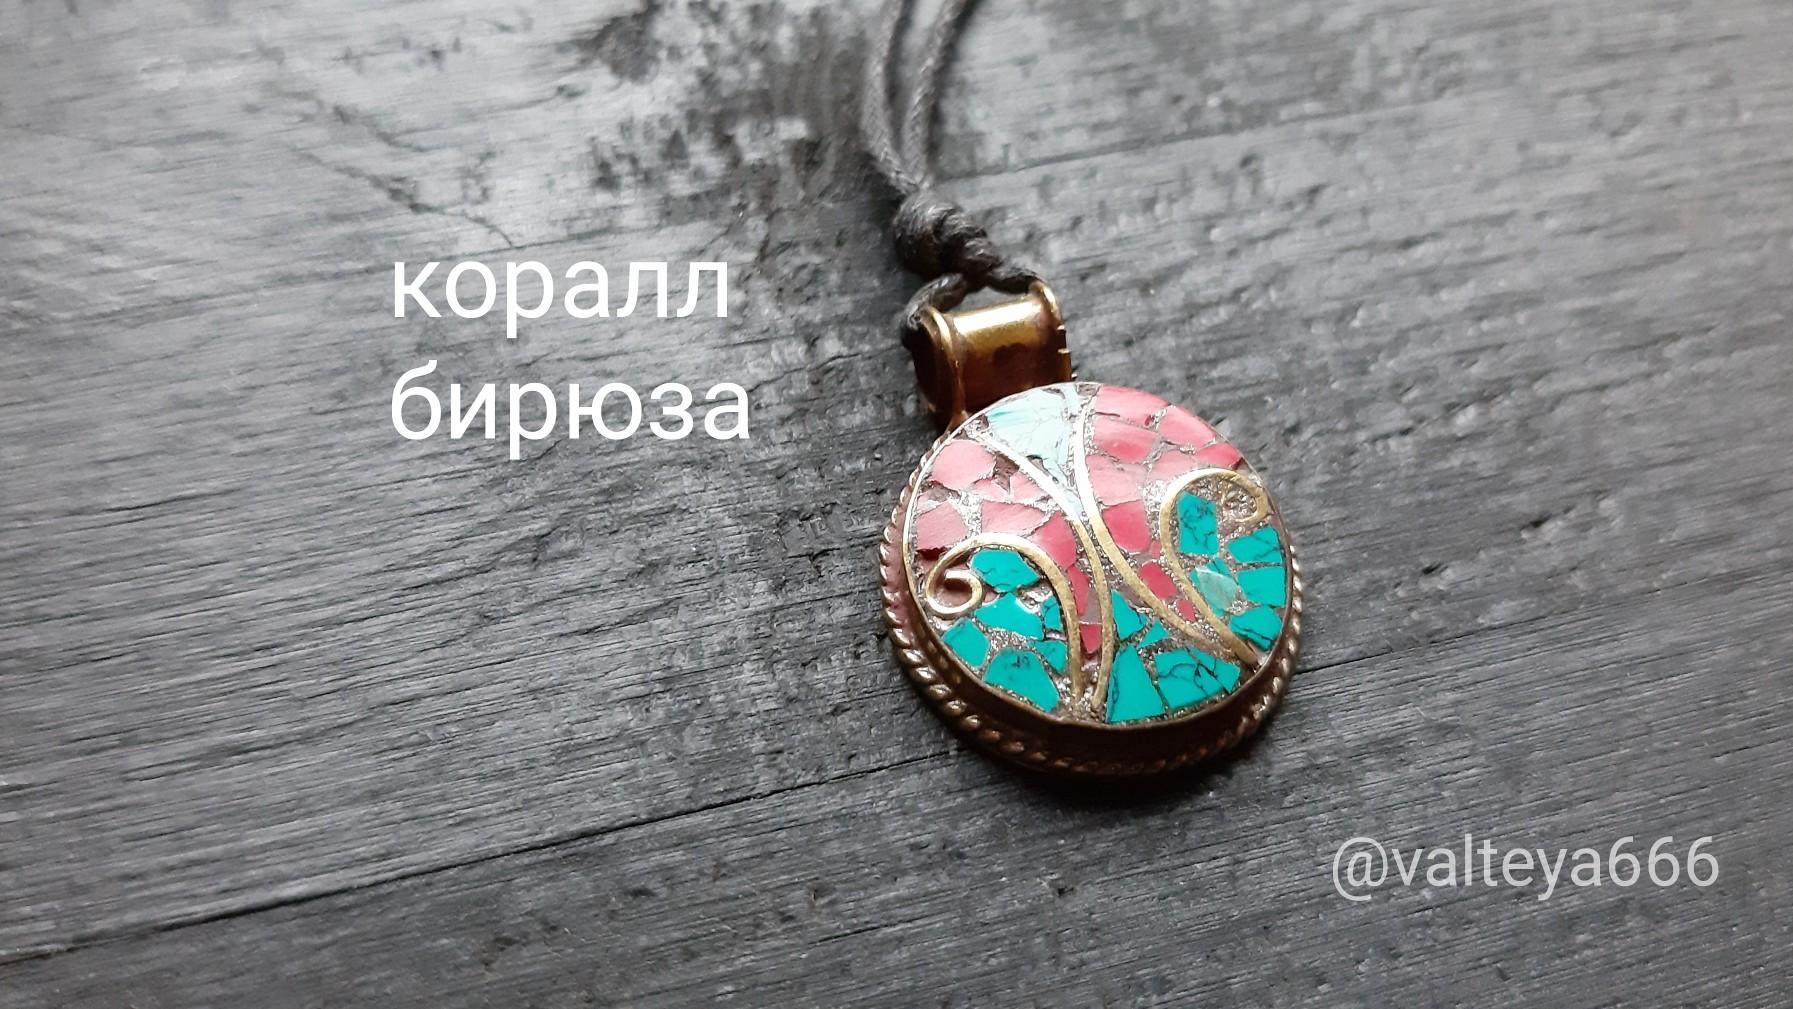 Украина - Натуальные камни. Талисманы, амулеты из натуральных камней - Страница 2 PairBMabV7U